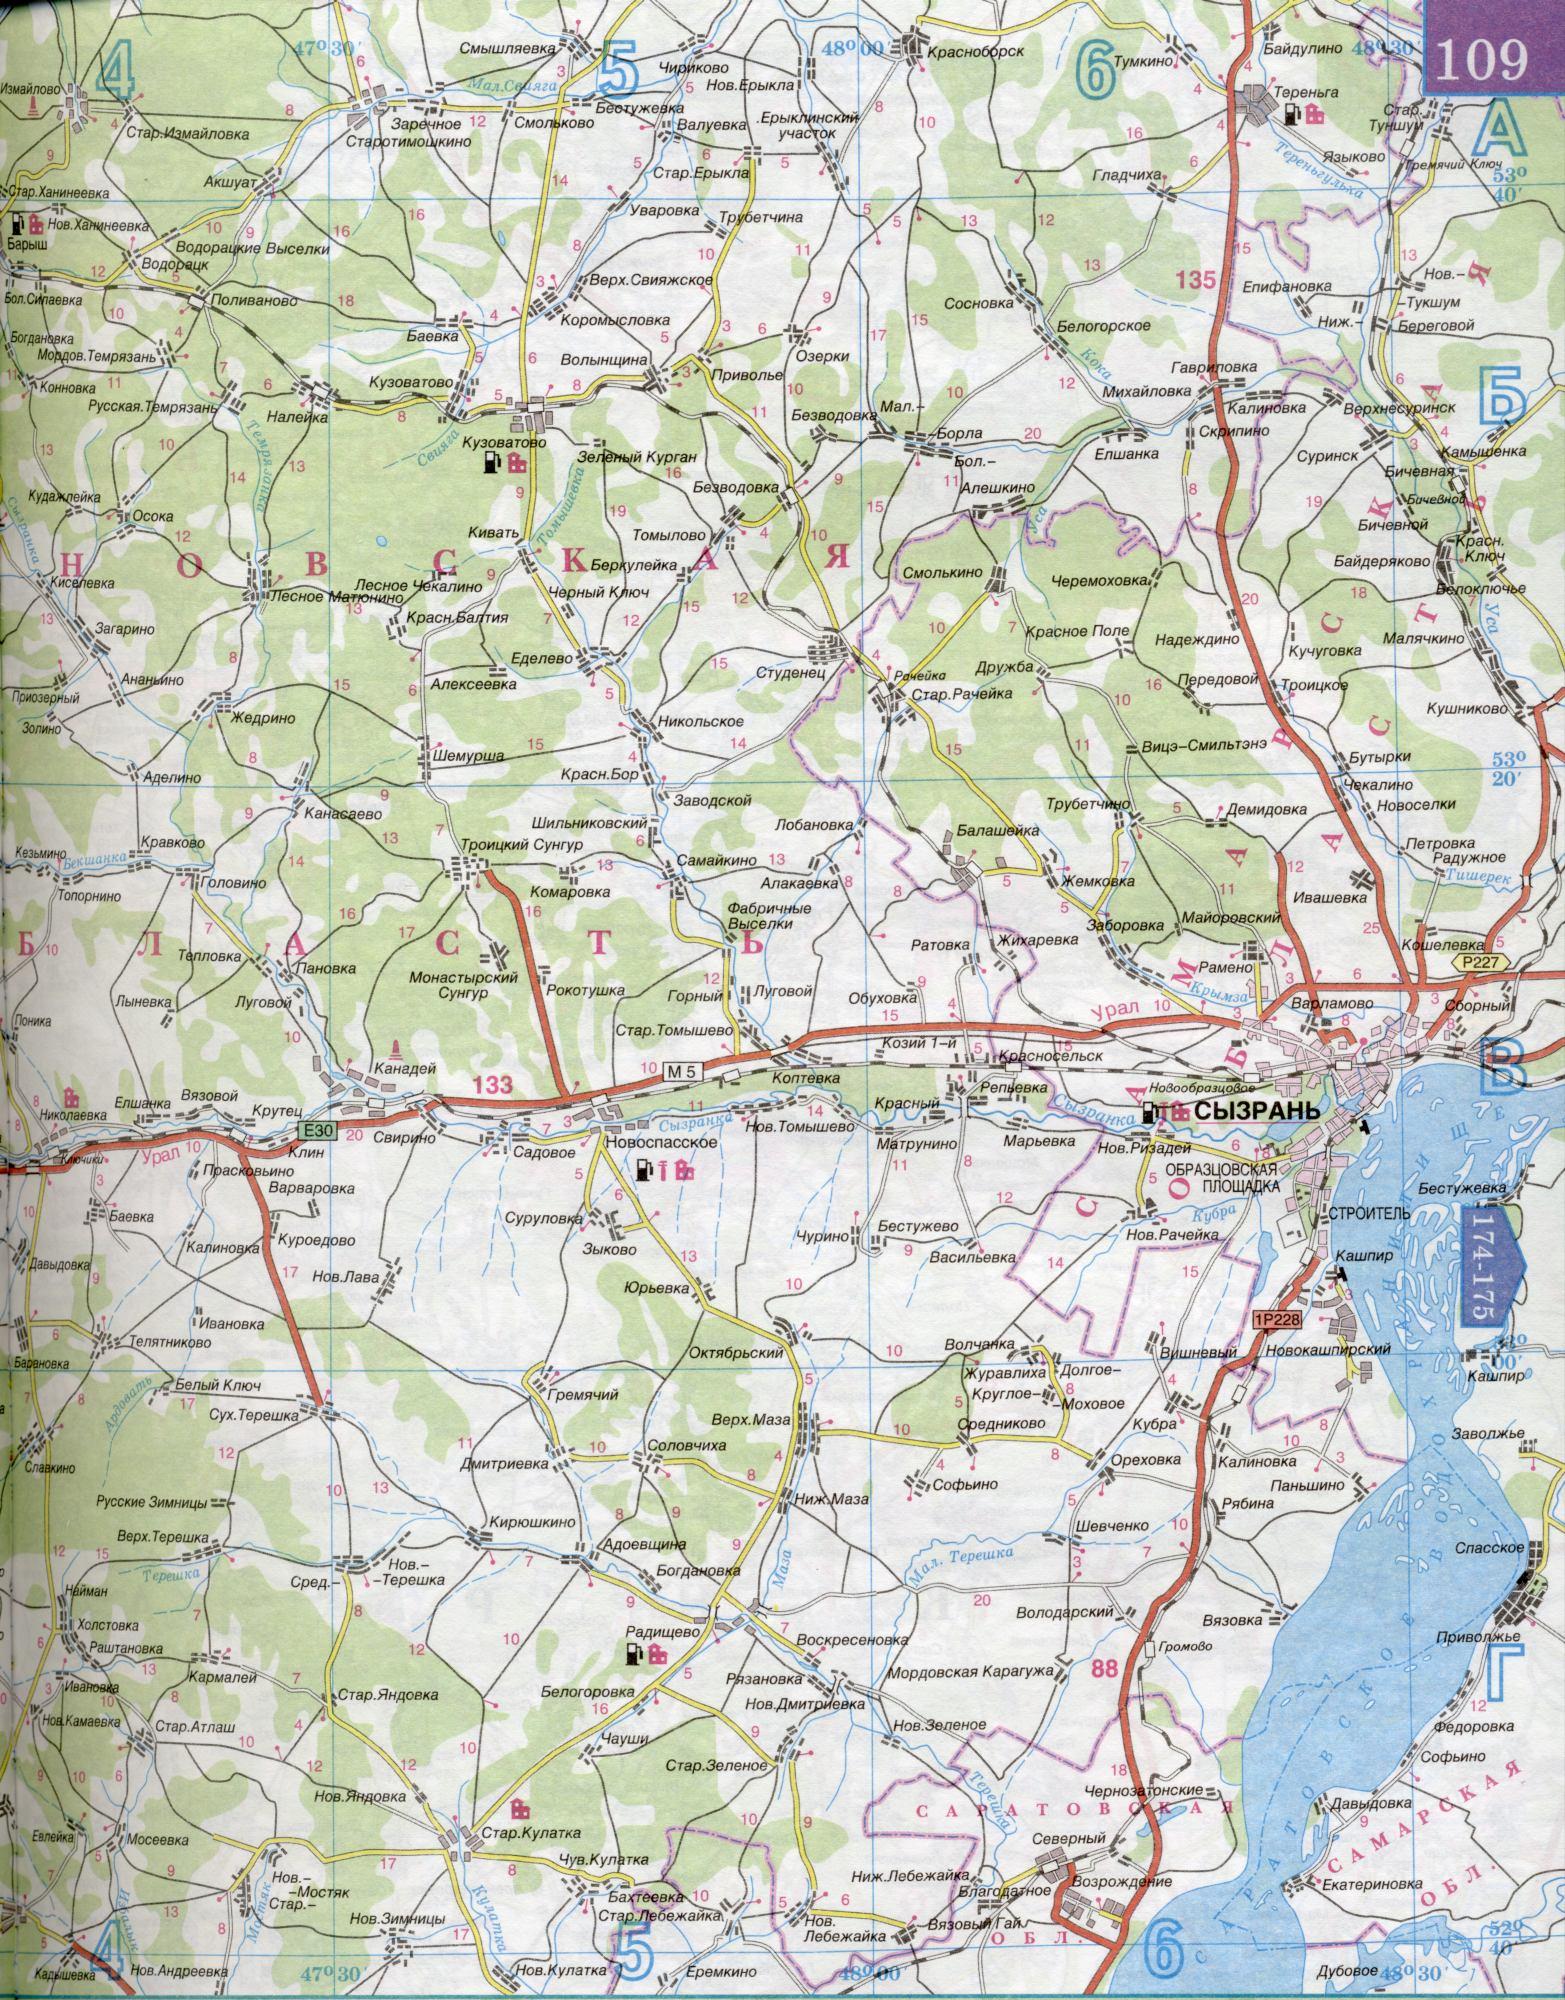 Карта ульяновской области 1см 5км